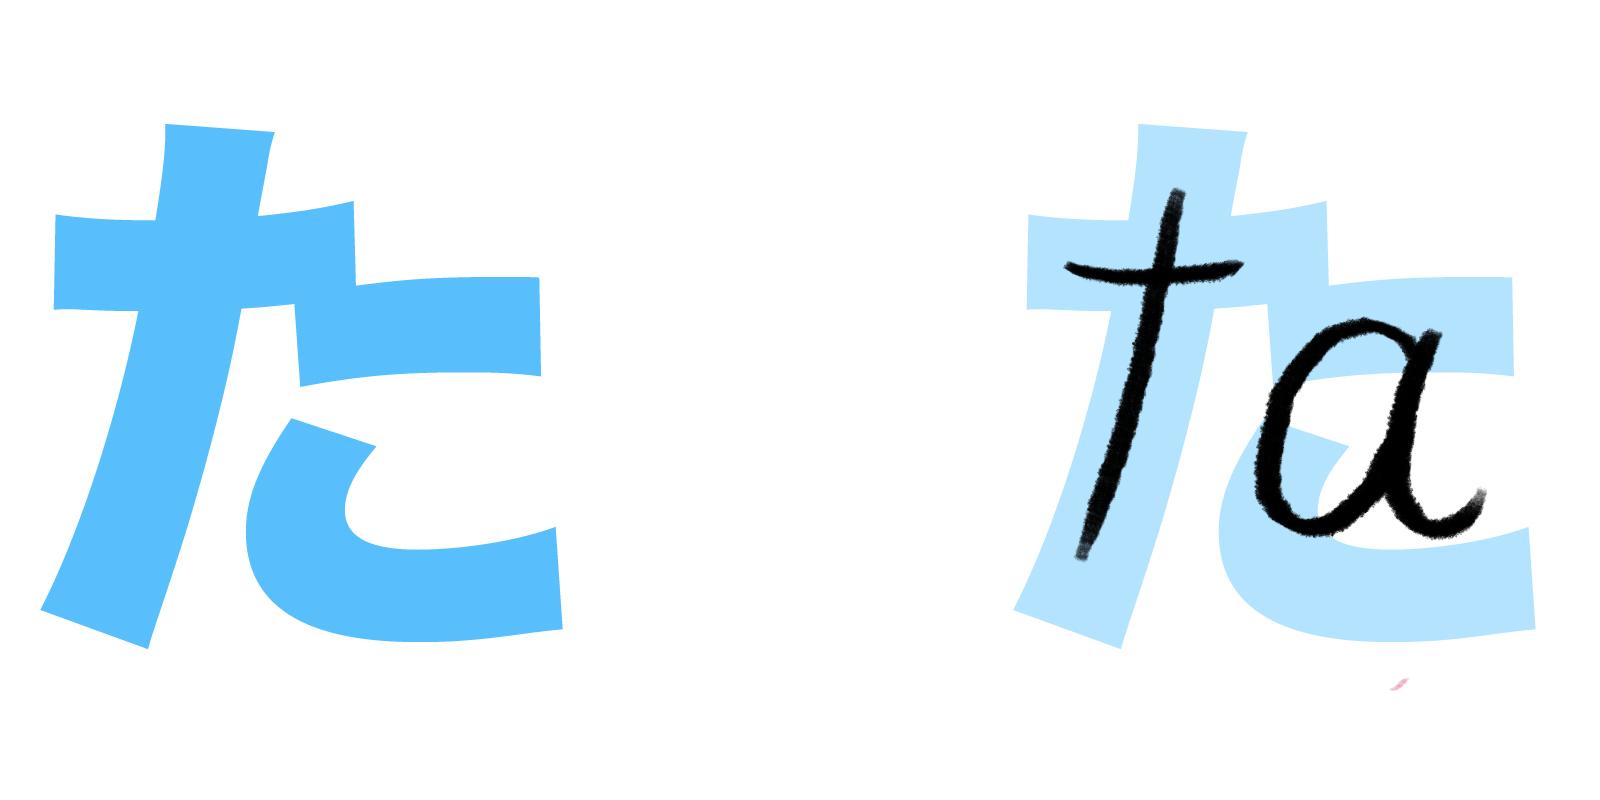 た hiragana mnemonic